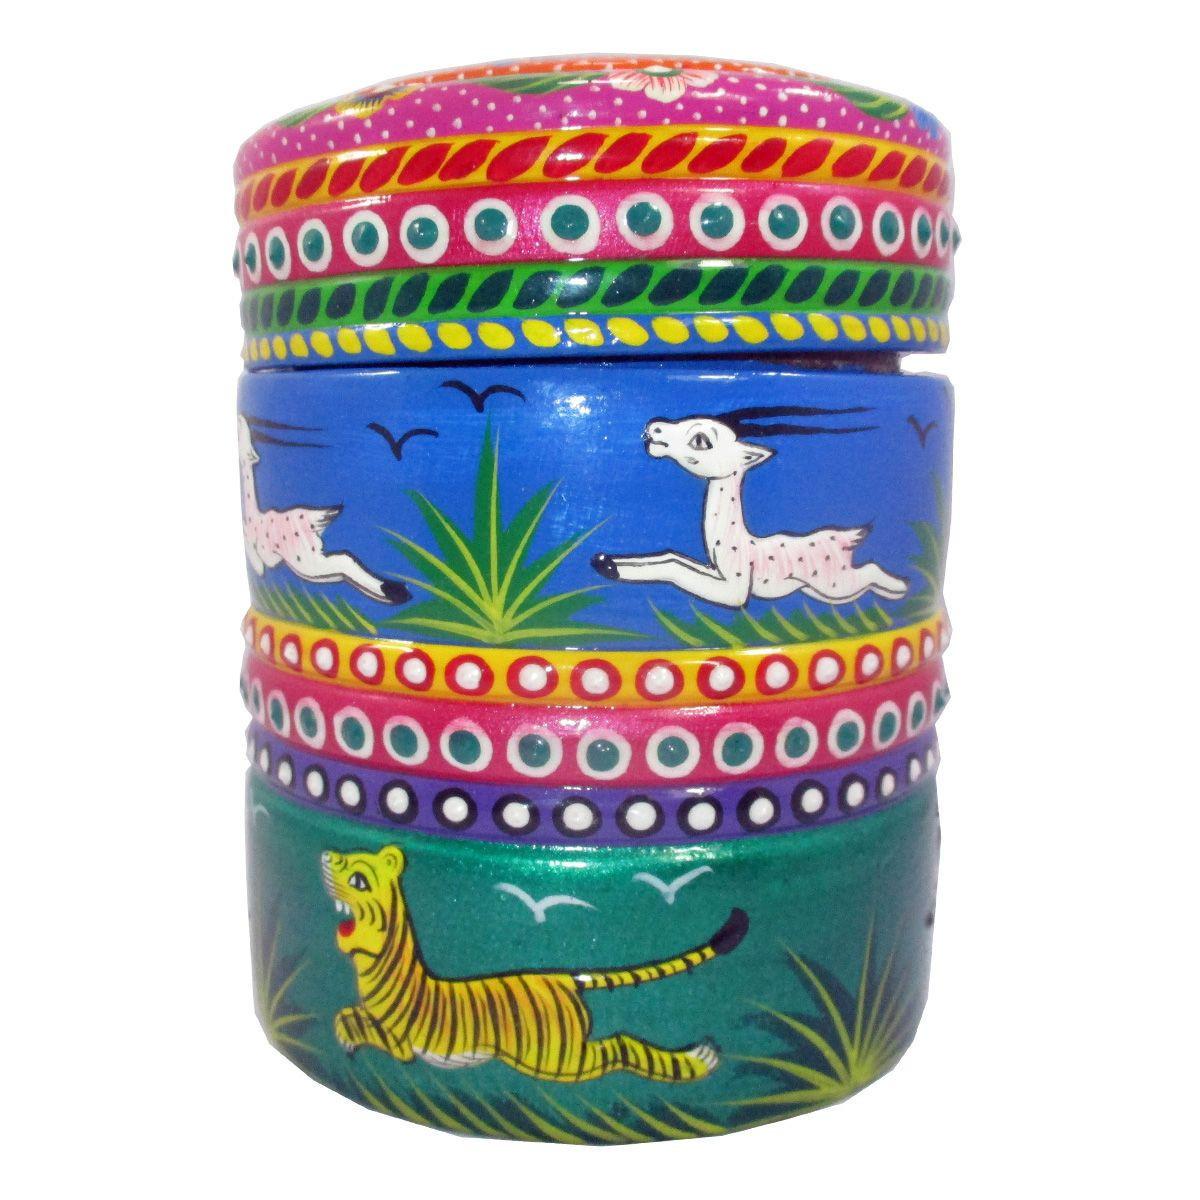 Round Wood Painted Jewelry Box